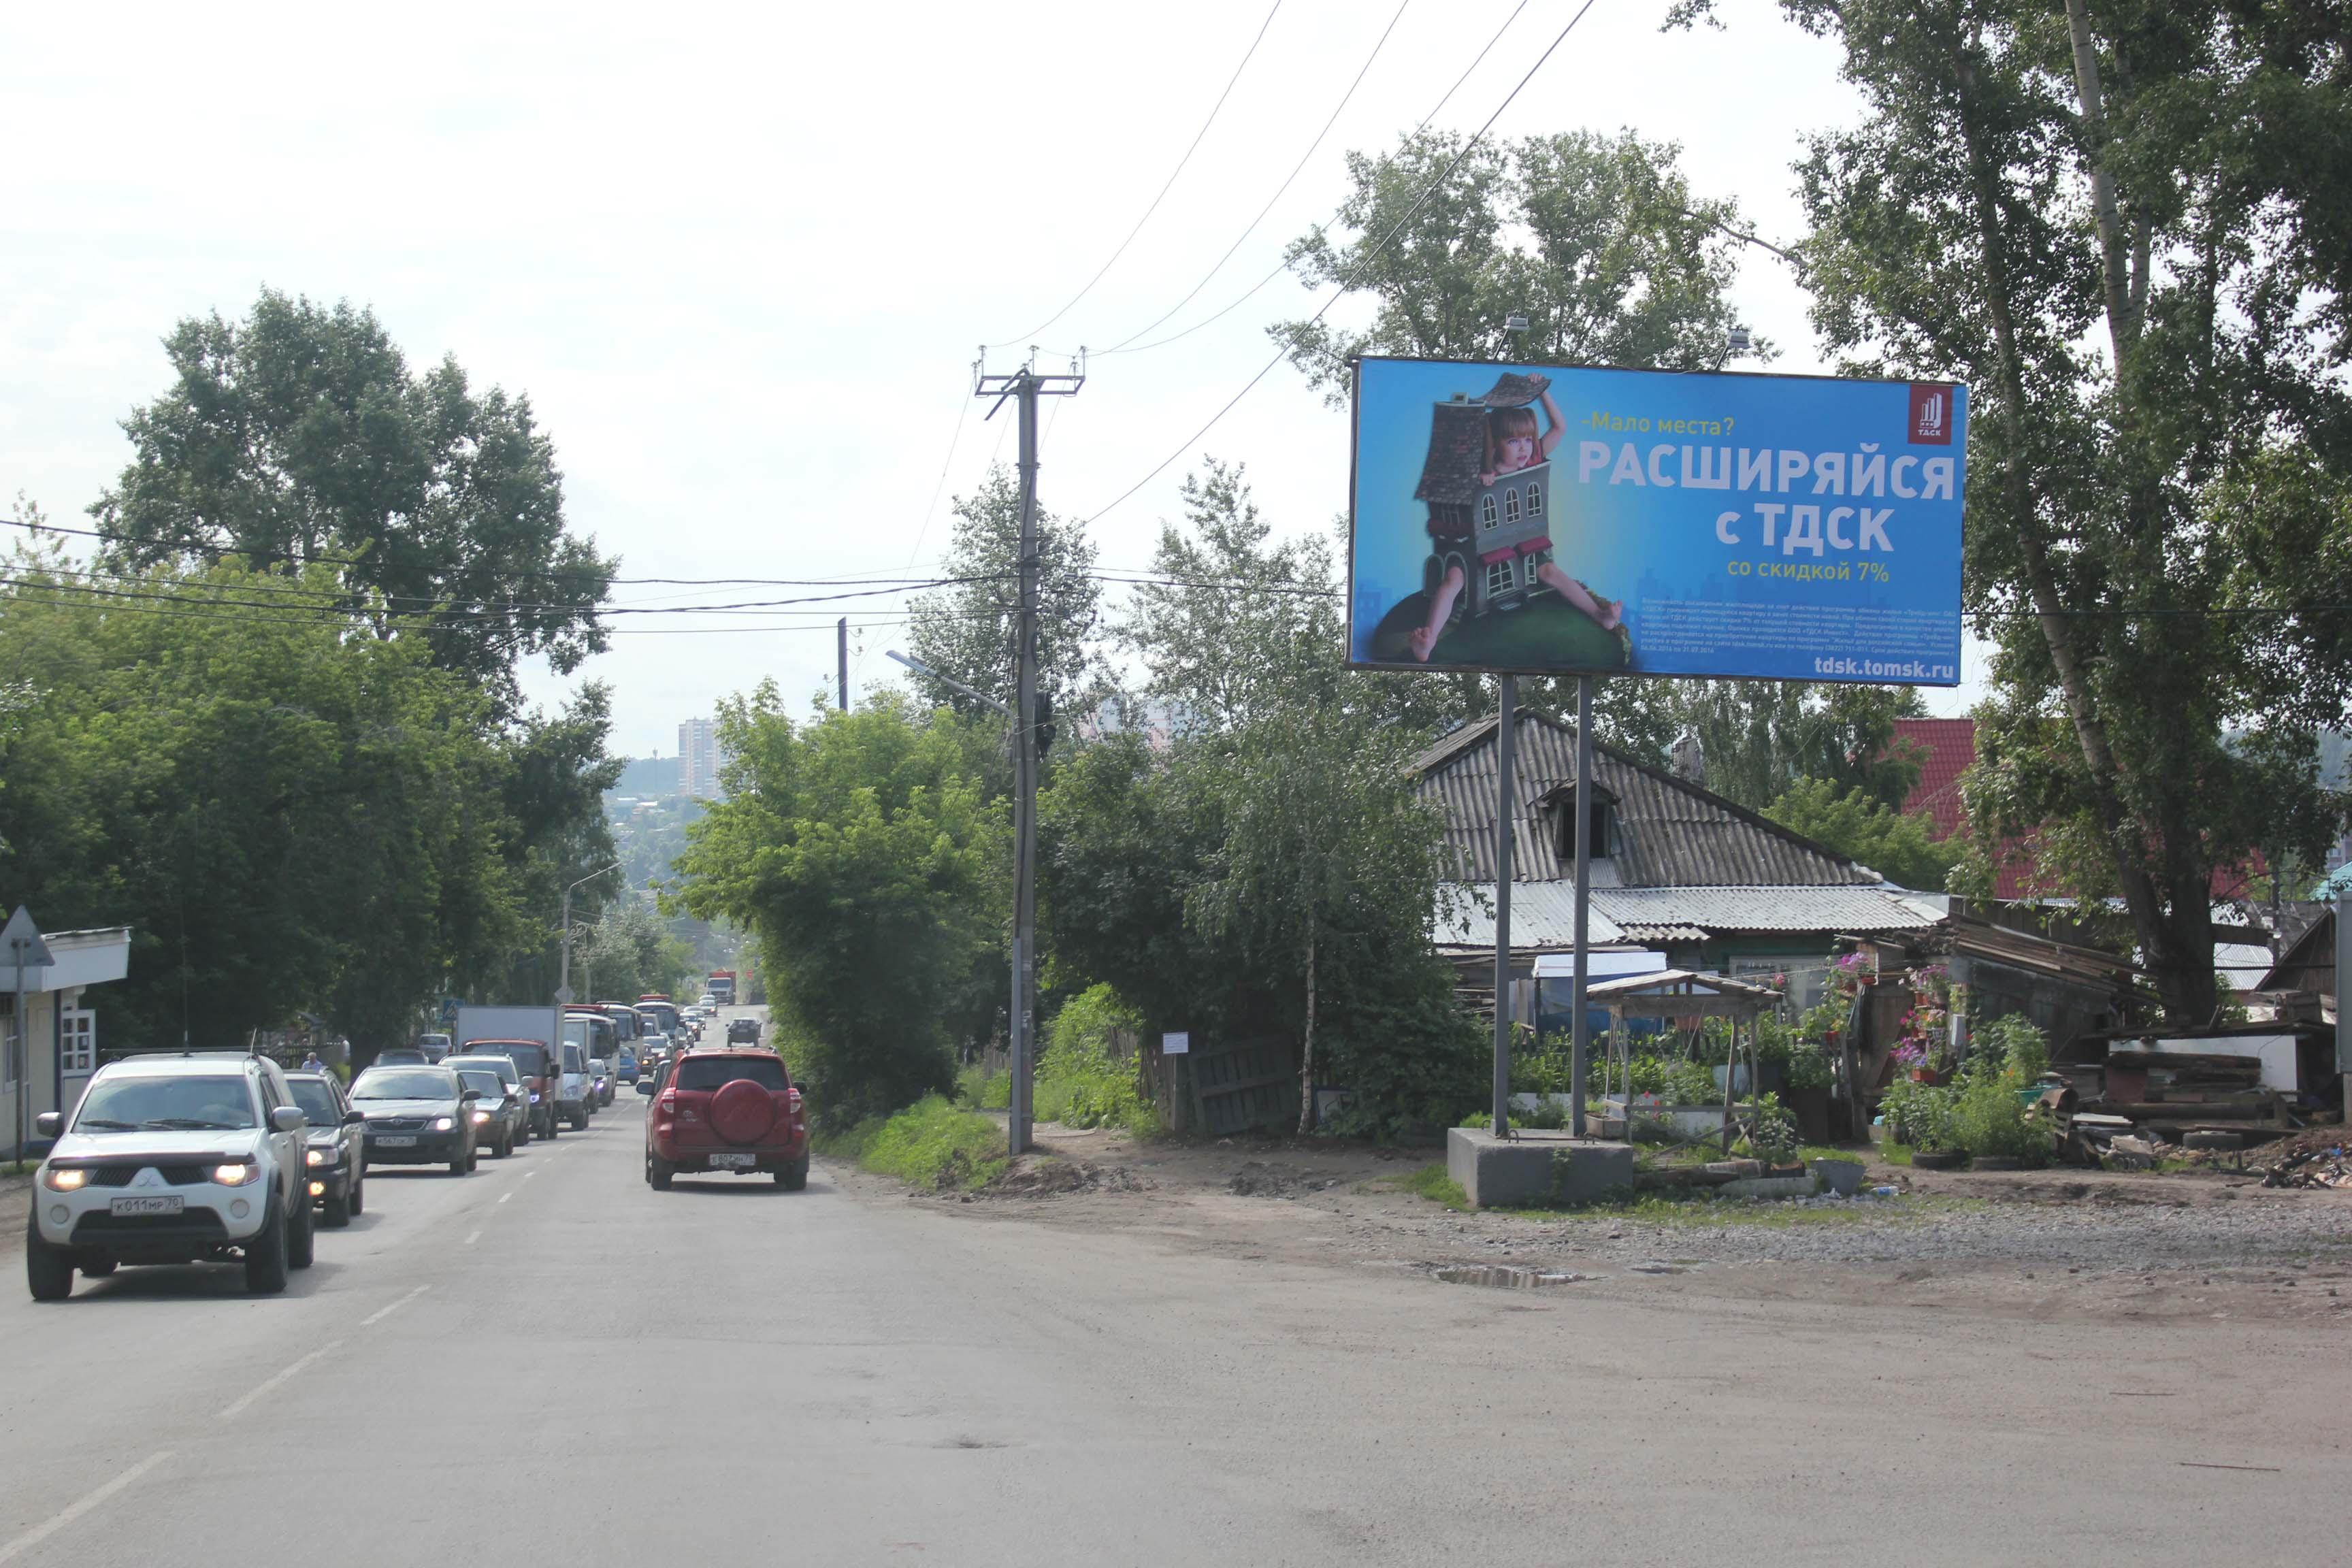 ул. Ломоносова, 4 (переезд на Степановке)